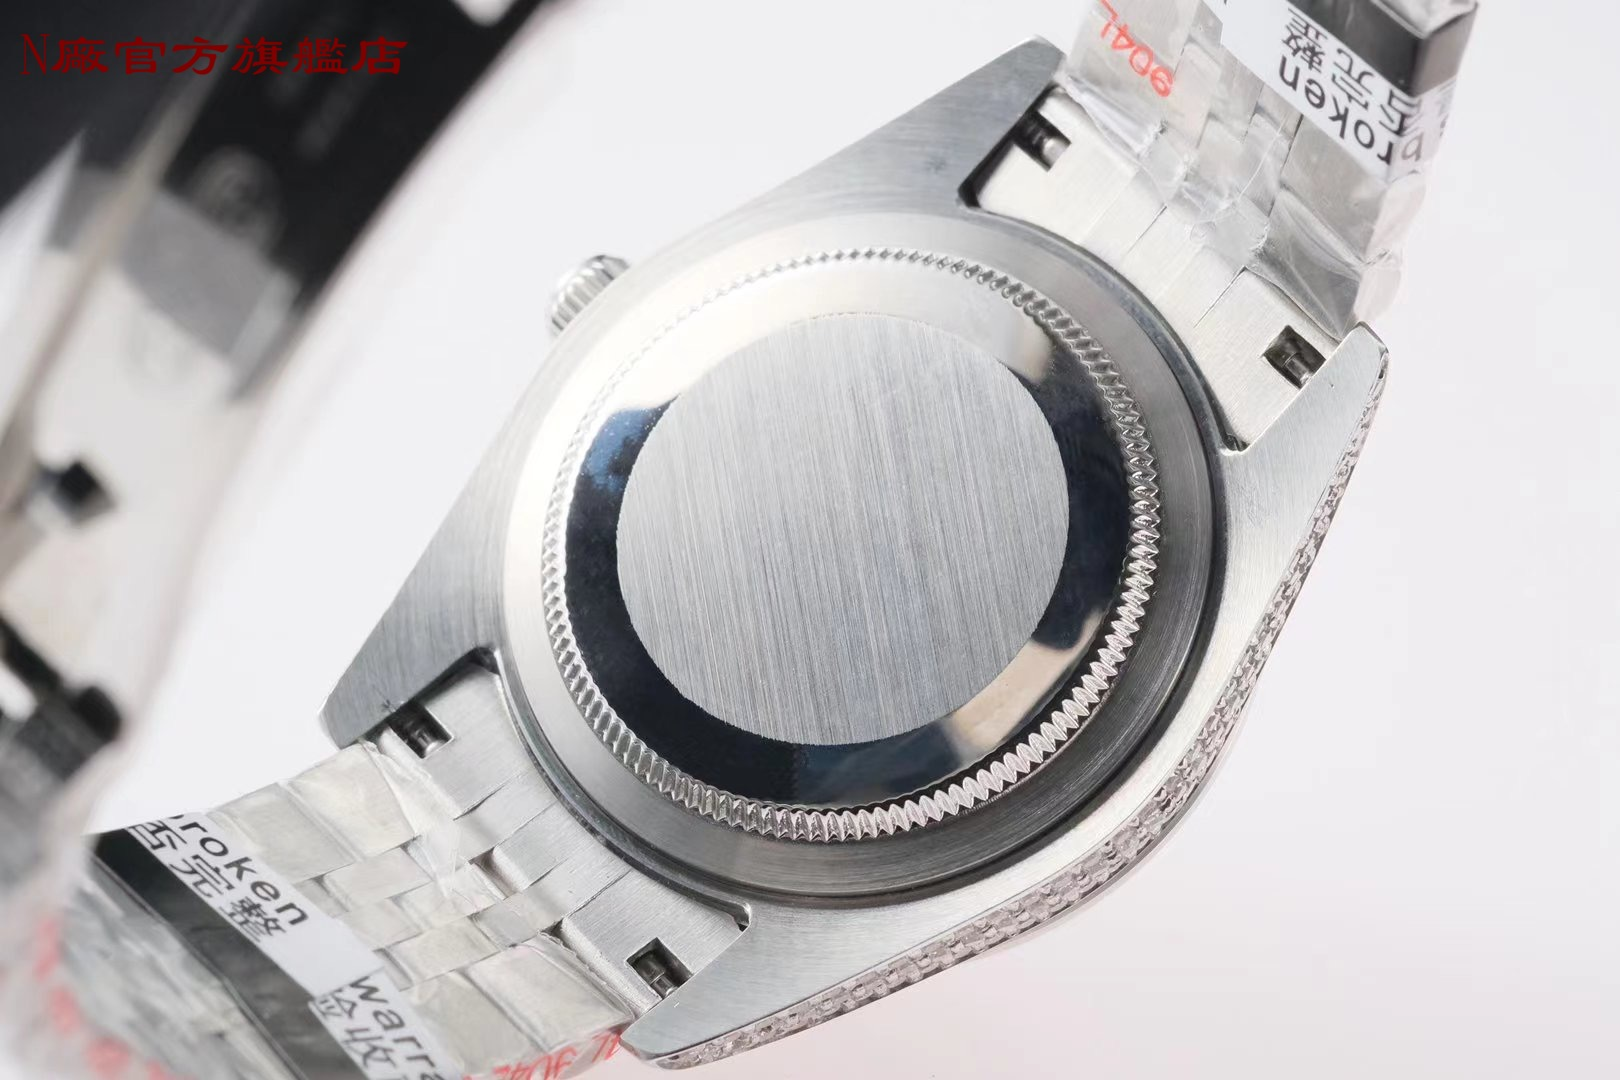 微信图片_20210103154556.jpg